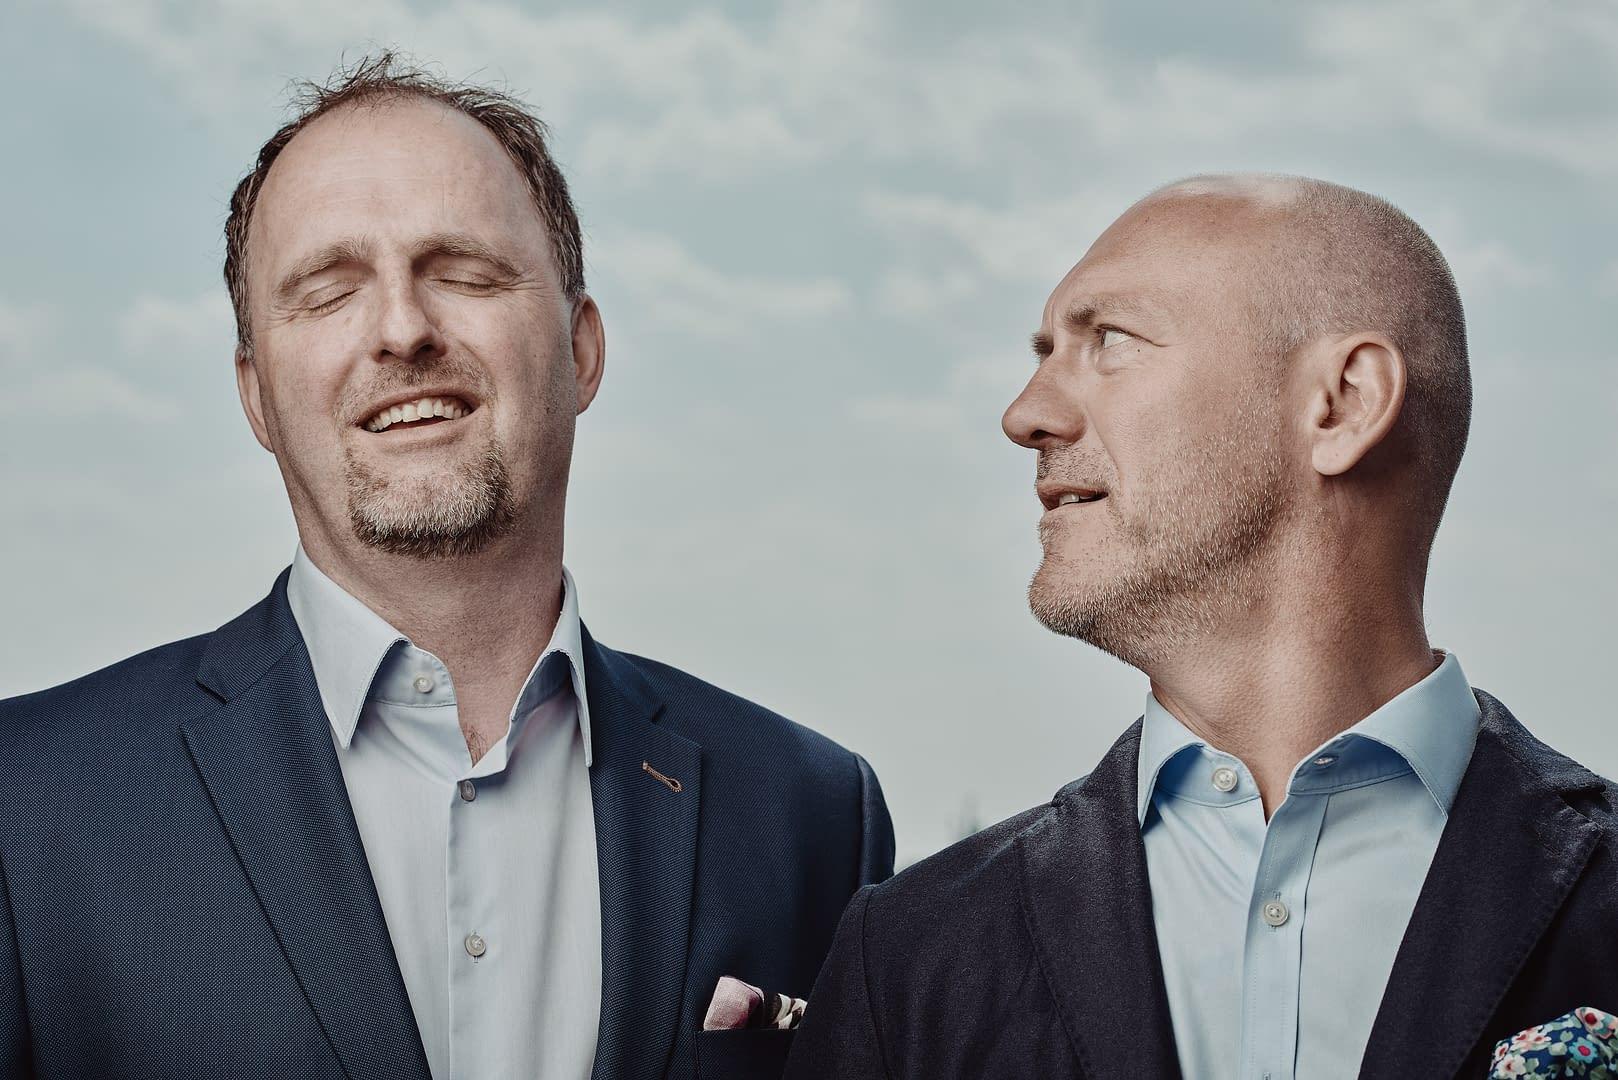 Dw Partner business portrait 2019 12